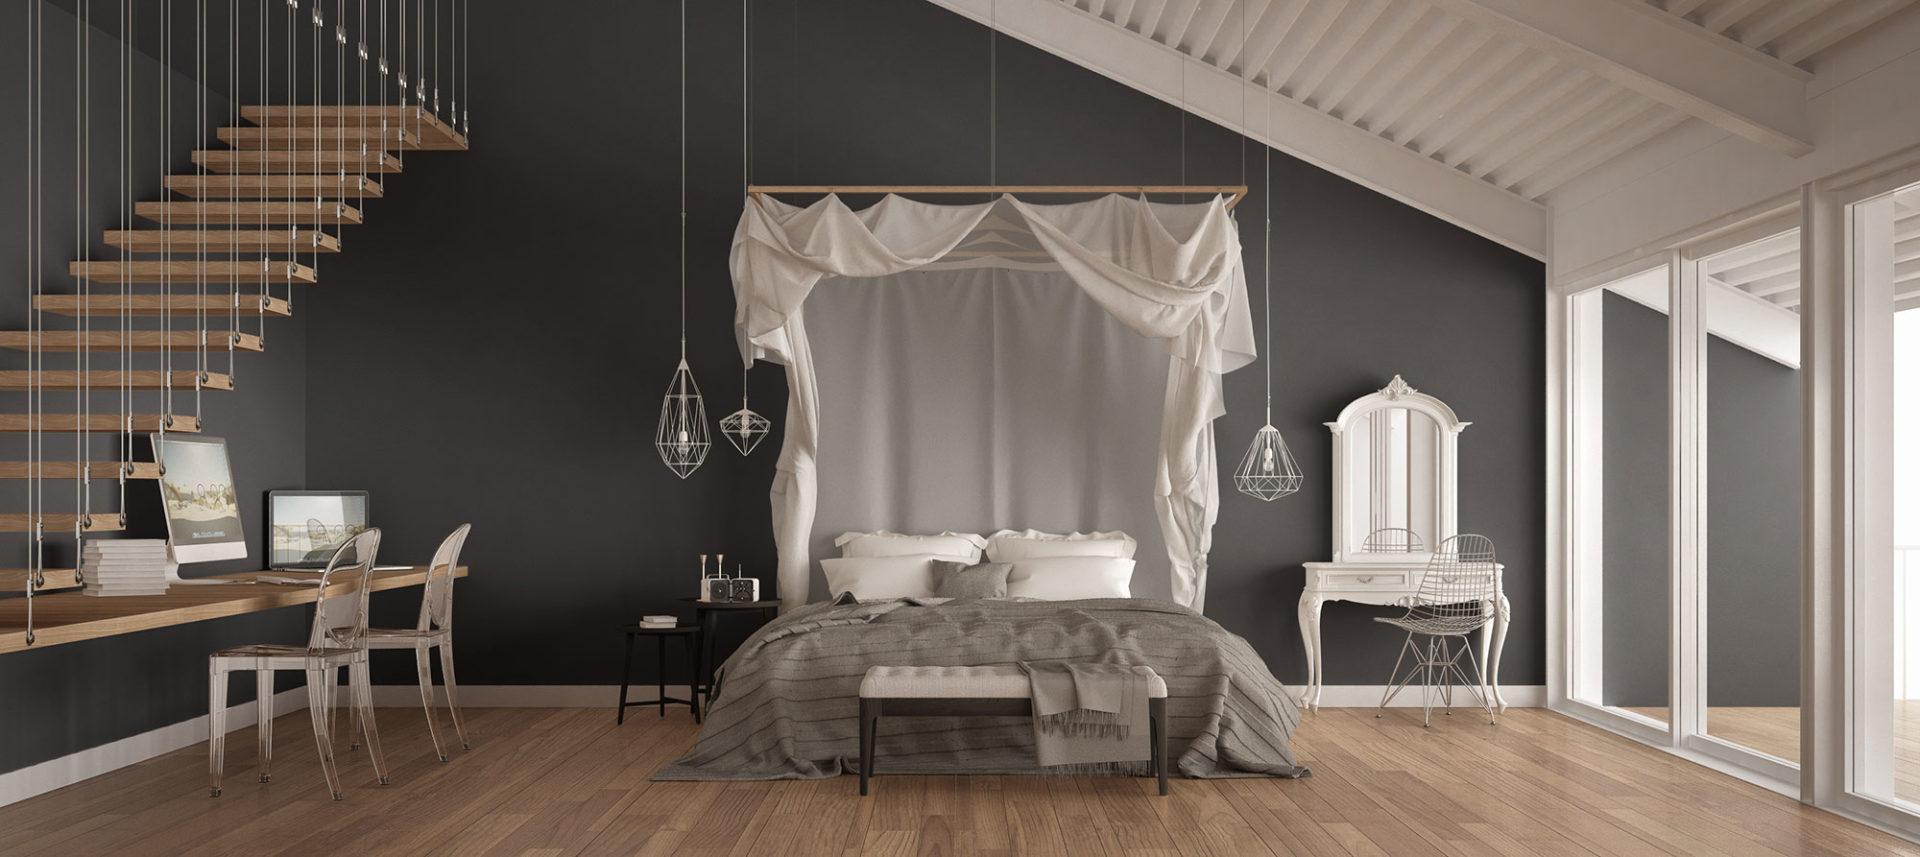 das himmelbett - himmlisches schlaferlebnis - zuhause bei sam®